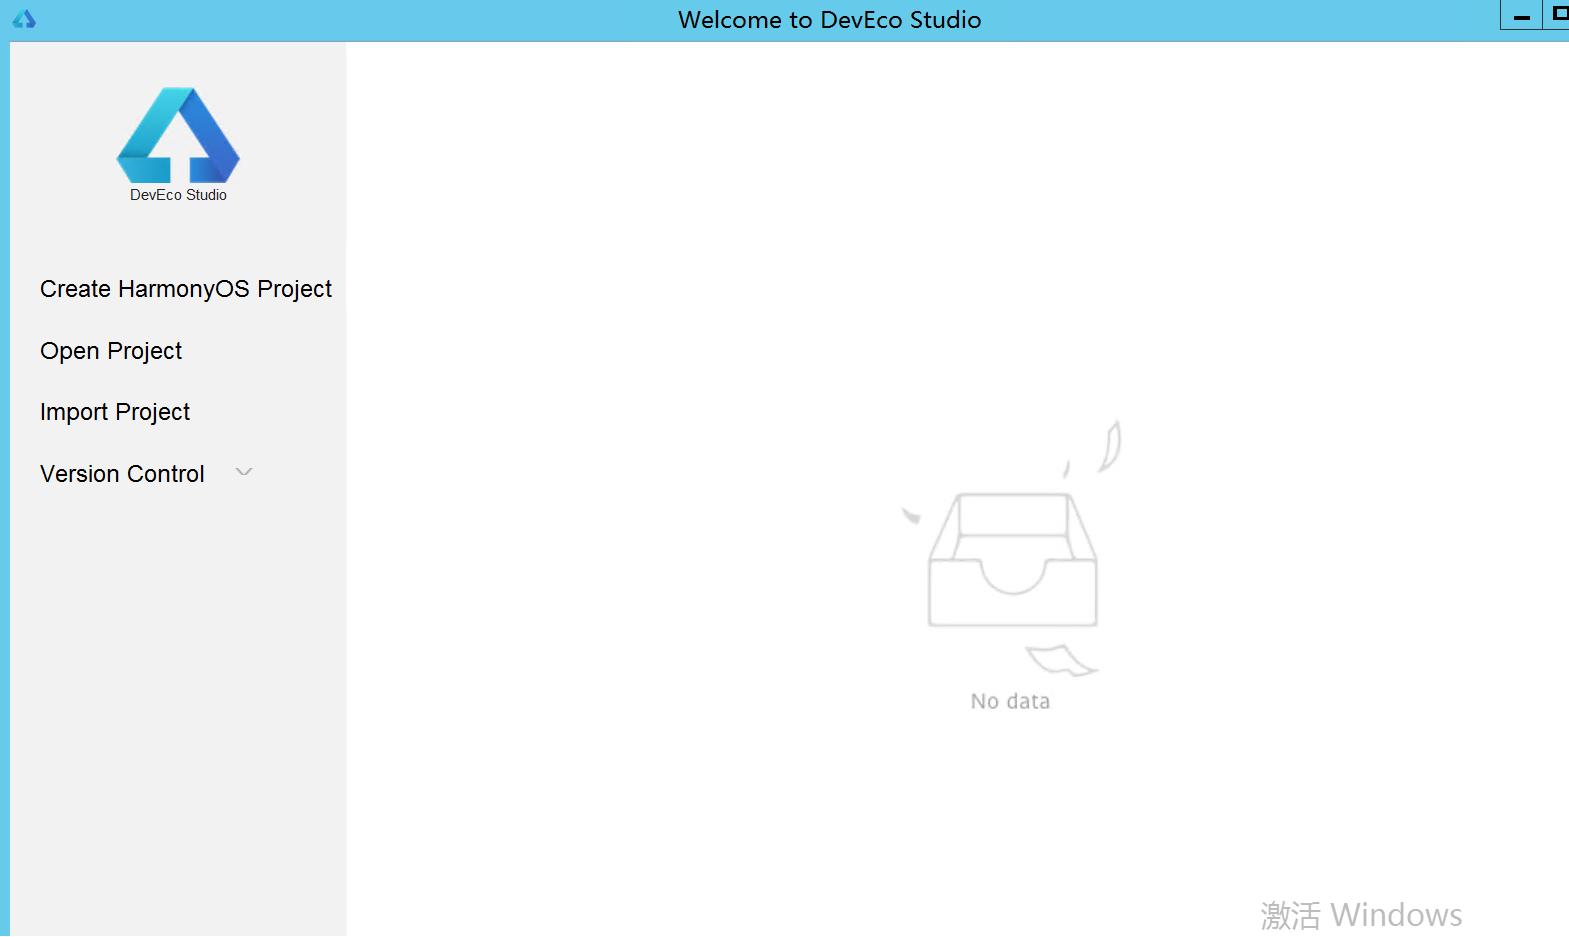 HUAWEI DevEco Studio2.0 安装配置环境记录 - 第15张  | 乐生活